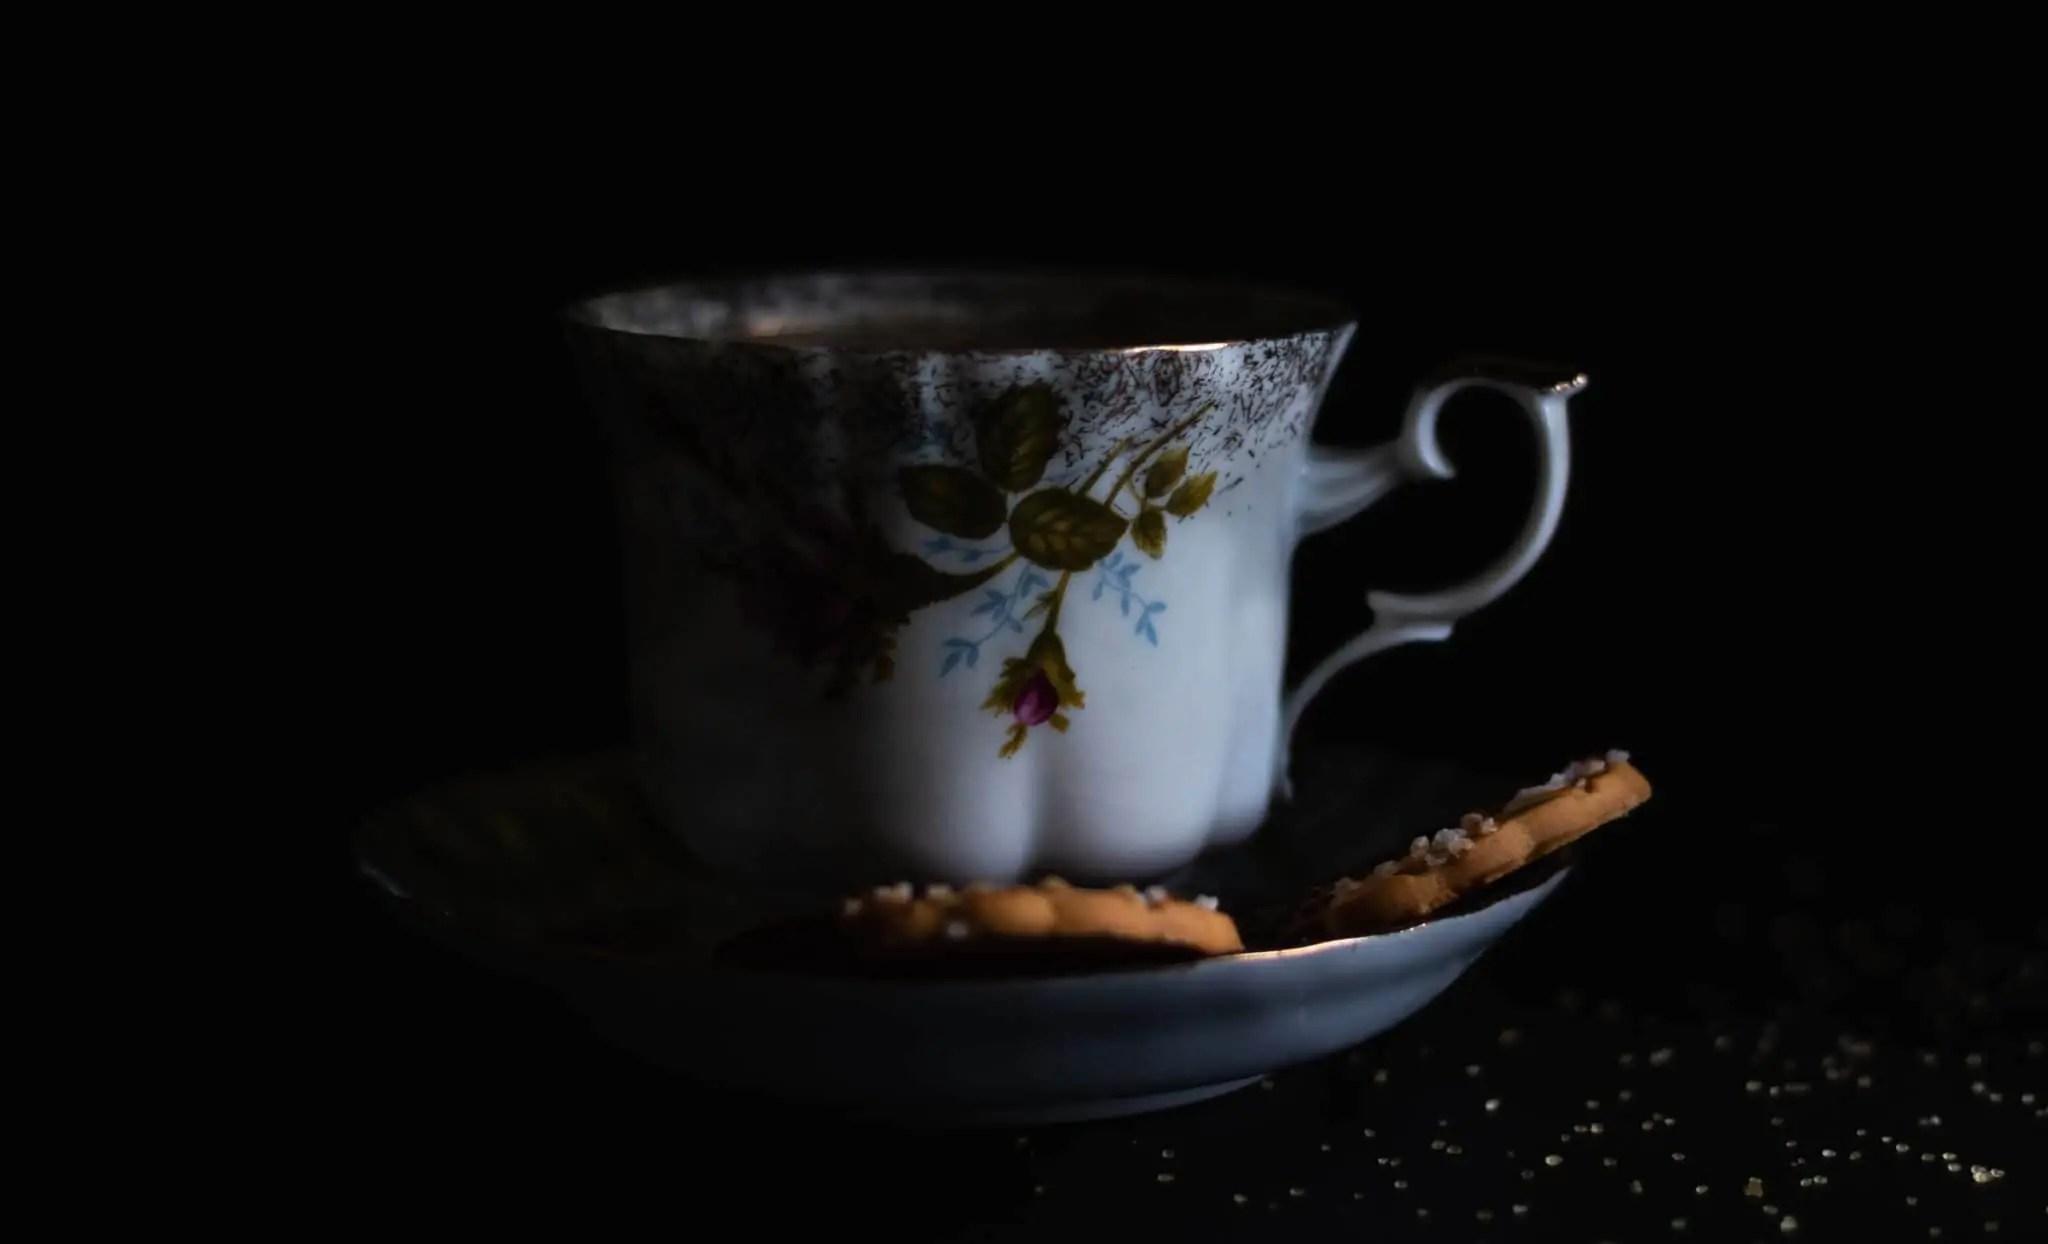 Czarna fotografia jedzenia czekolada precelki i ciastka 20 scaled - Czarna fotografia jedzenia